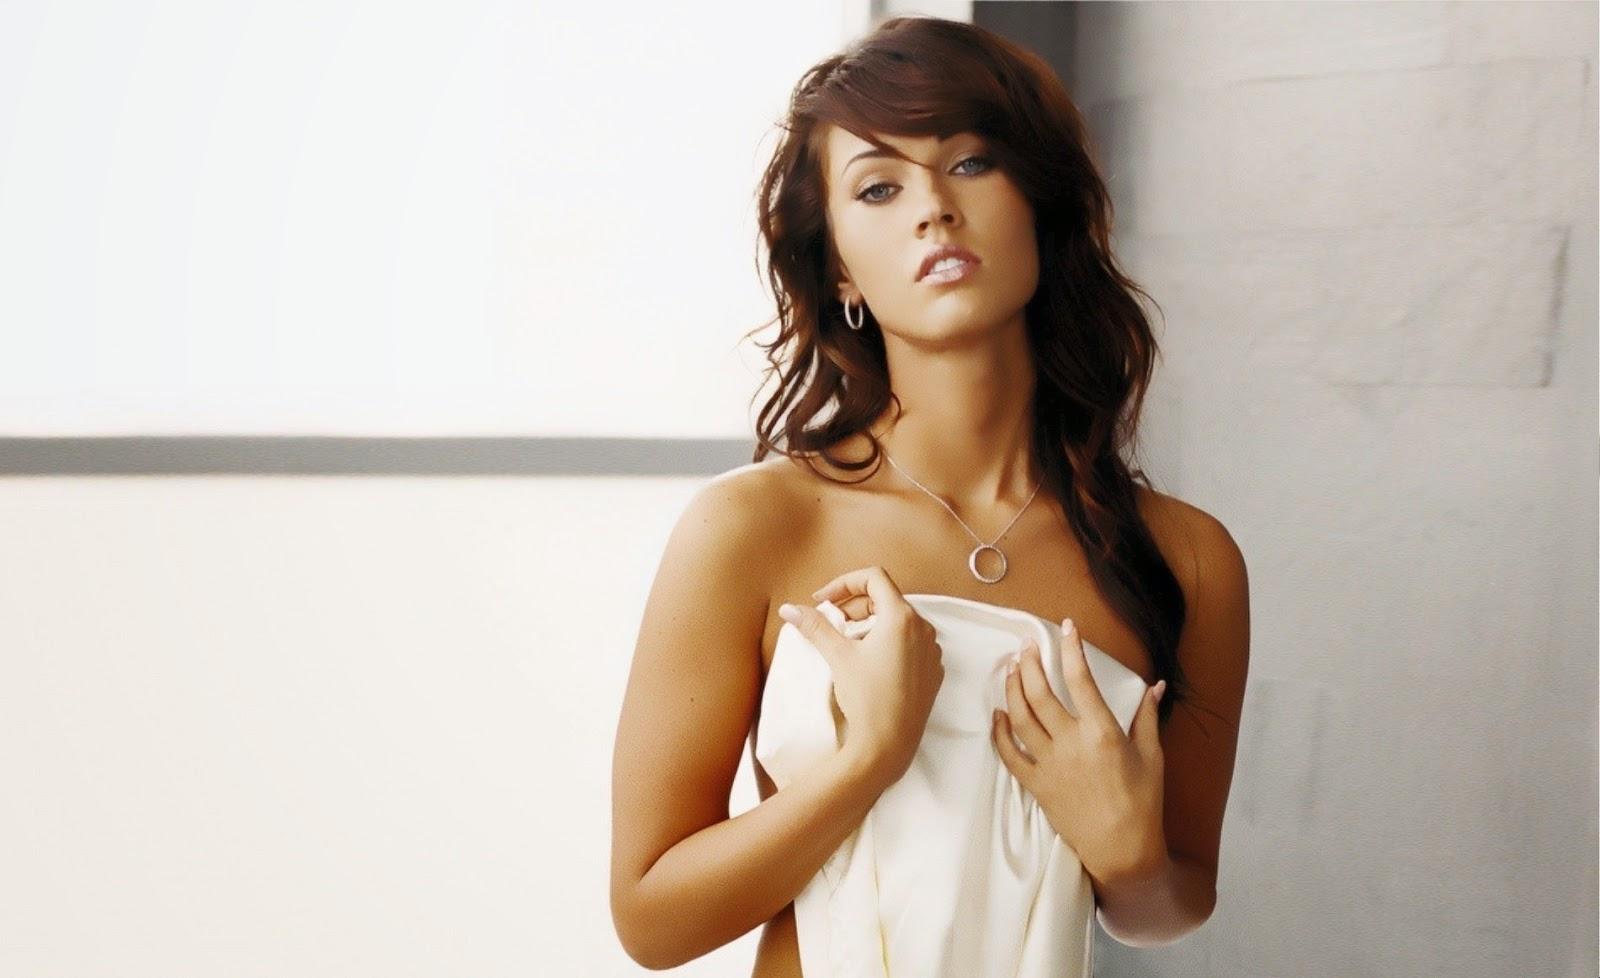 megan fox best model images celebrities hot wallpapers